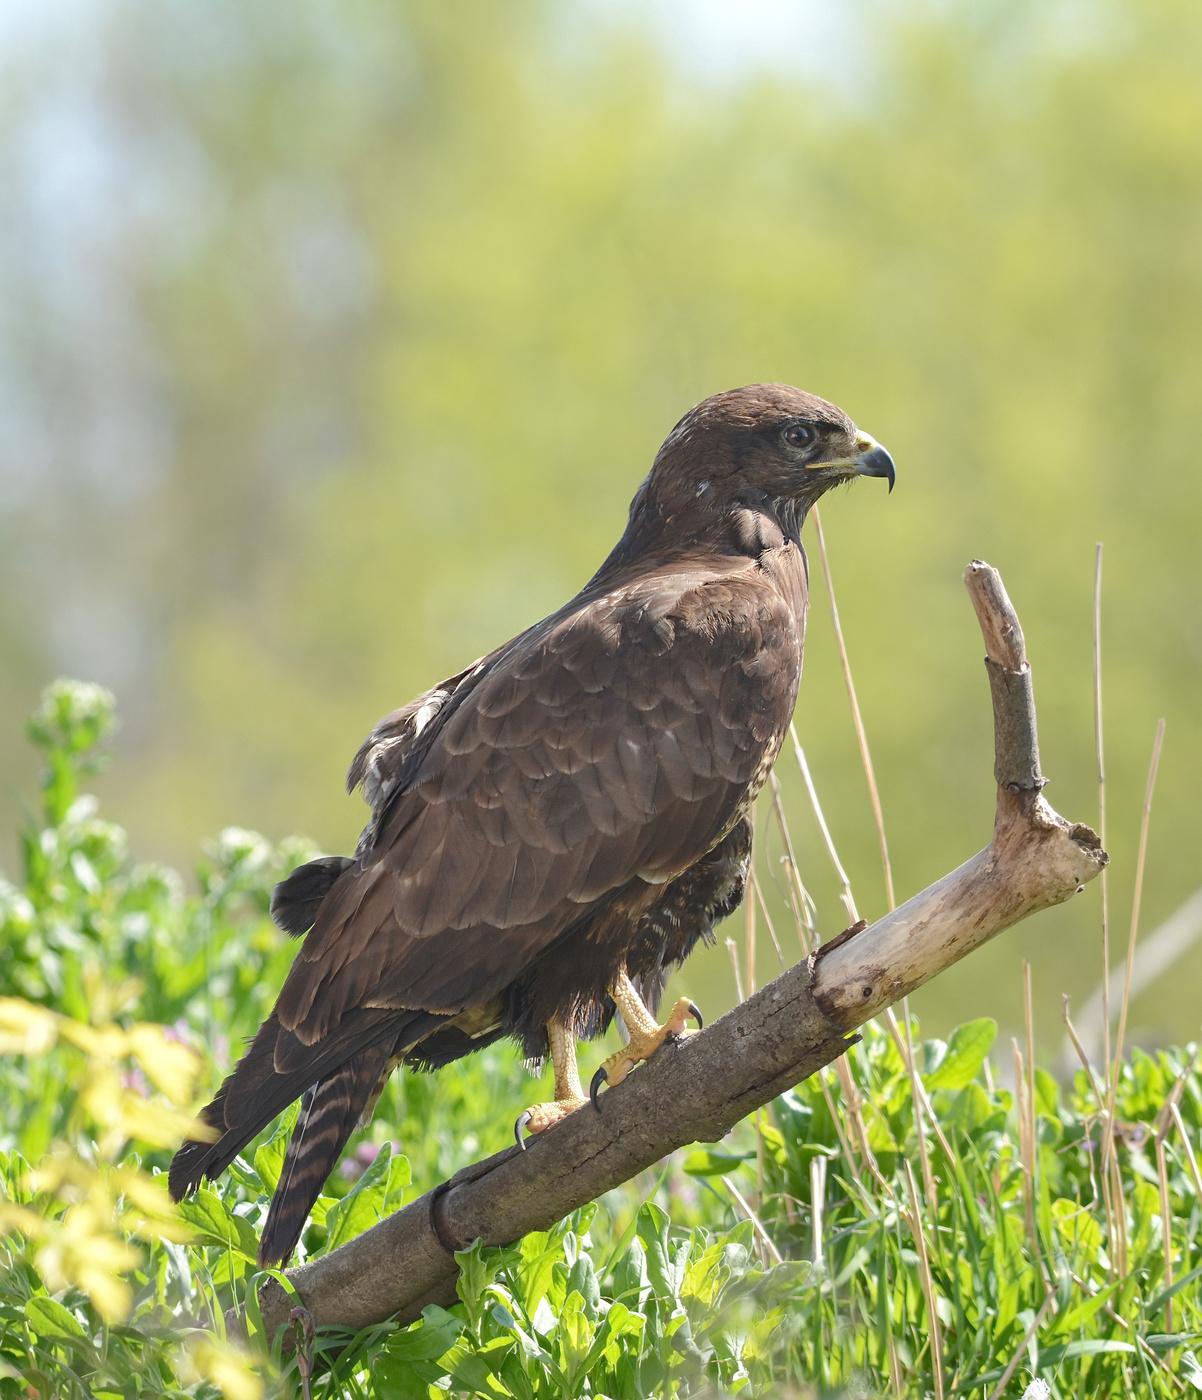 фото с названиями хищных птиц тверской области иногда